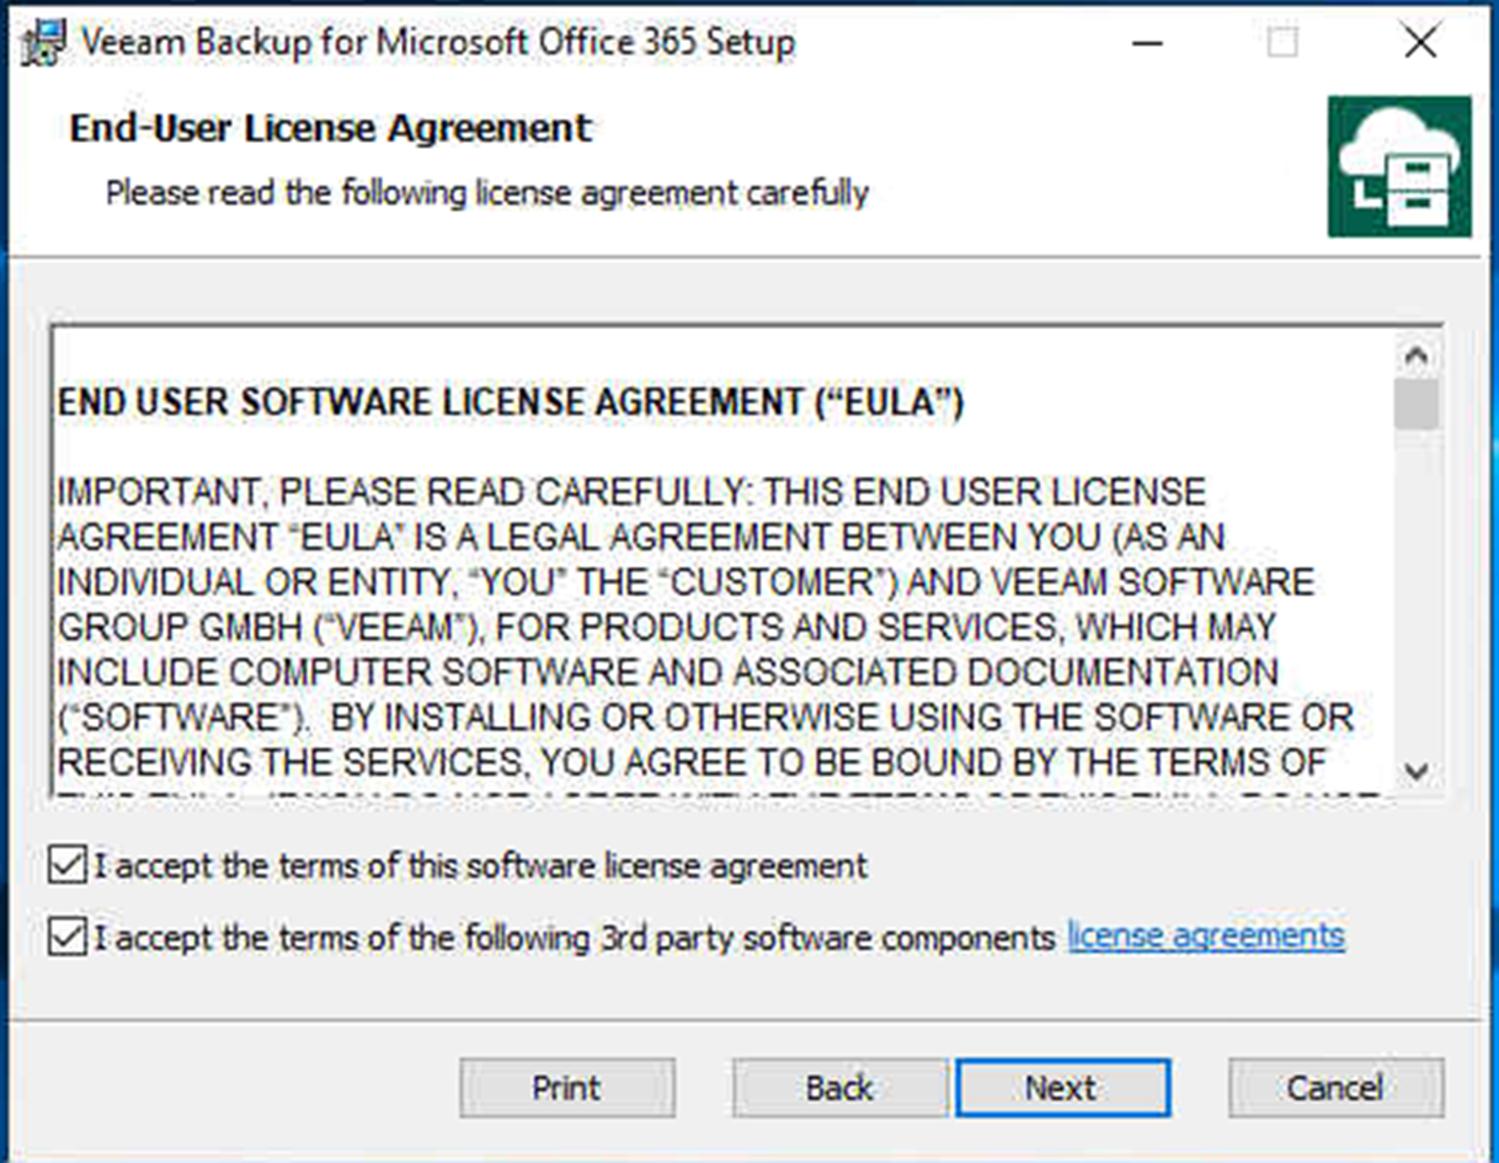 041019 0233 HowtoInstal5 - How to Install Veeam Backup for Microsoft Office 365 V3 #Veeam #MVPHOUR #Office365